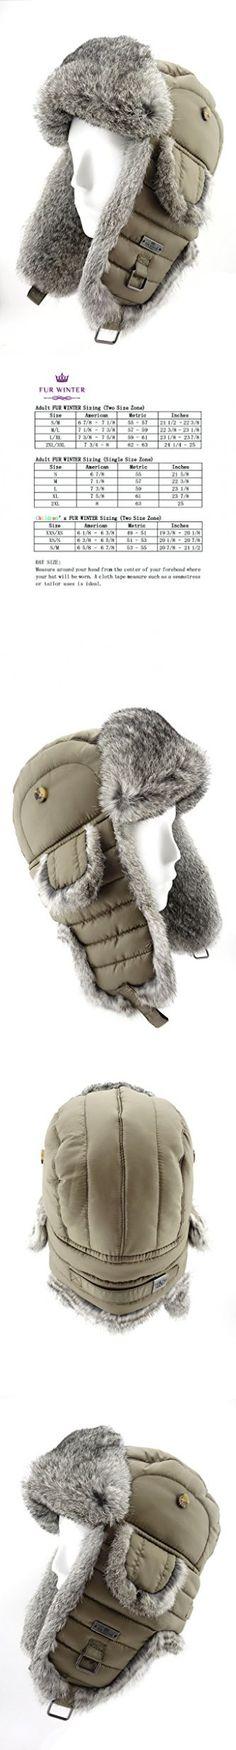 FUR WINTER Taffeta Rabbit Fur Aviator Bomber Trapper Hat TPE L/XL